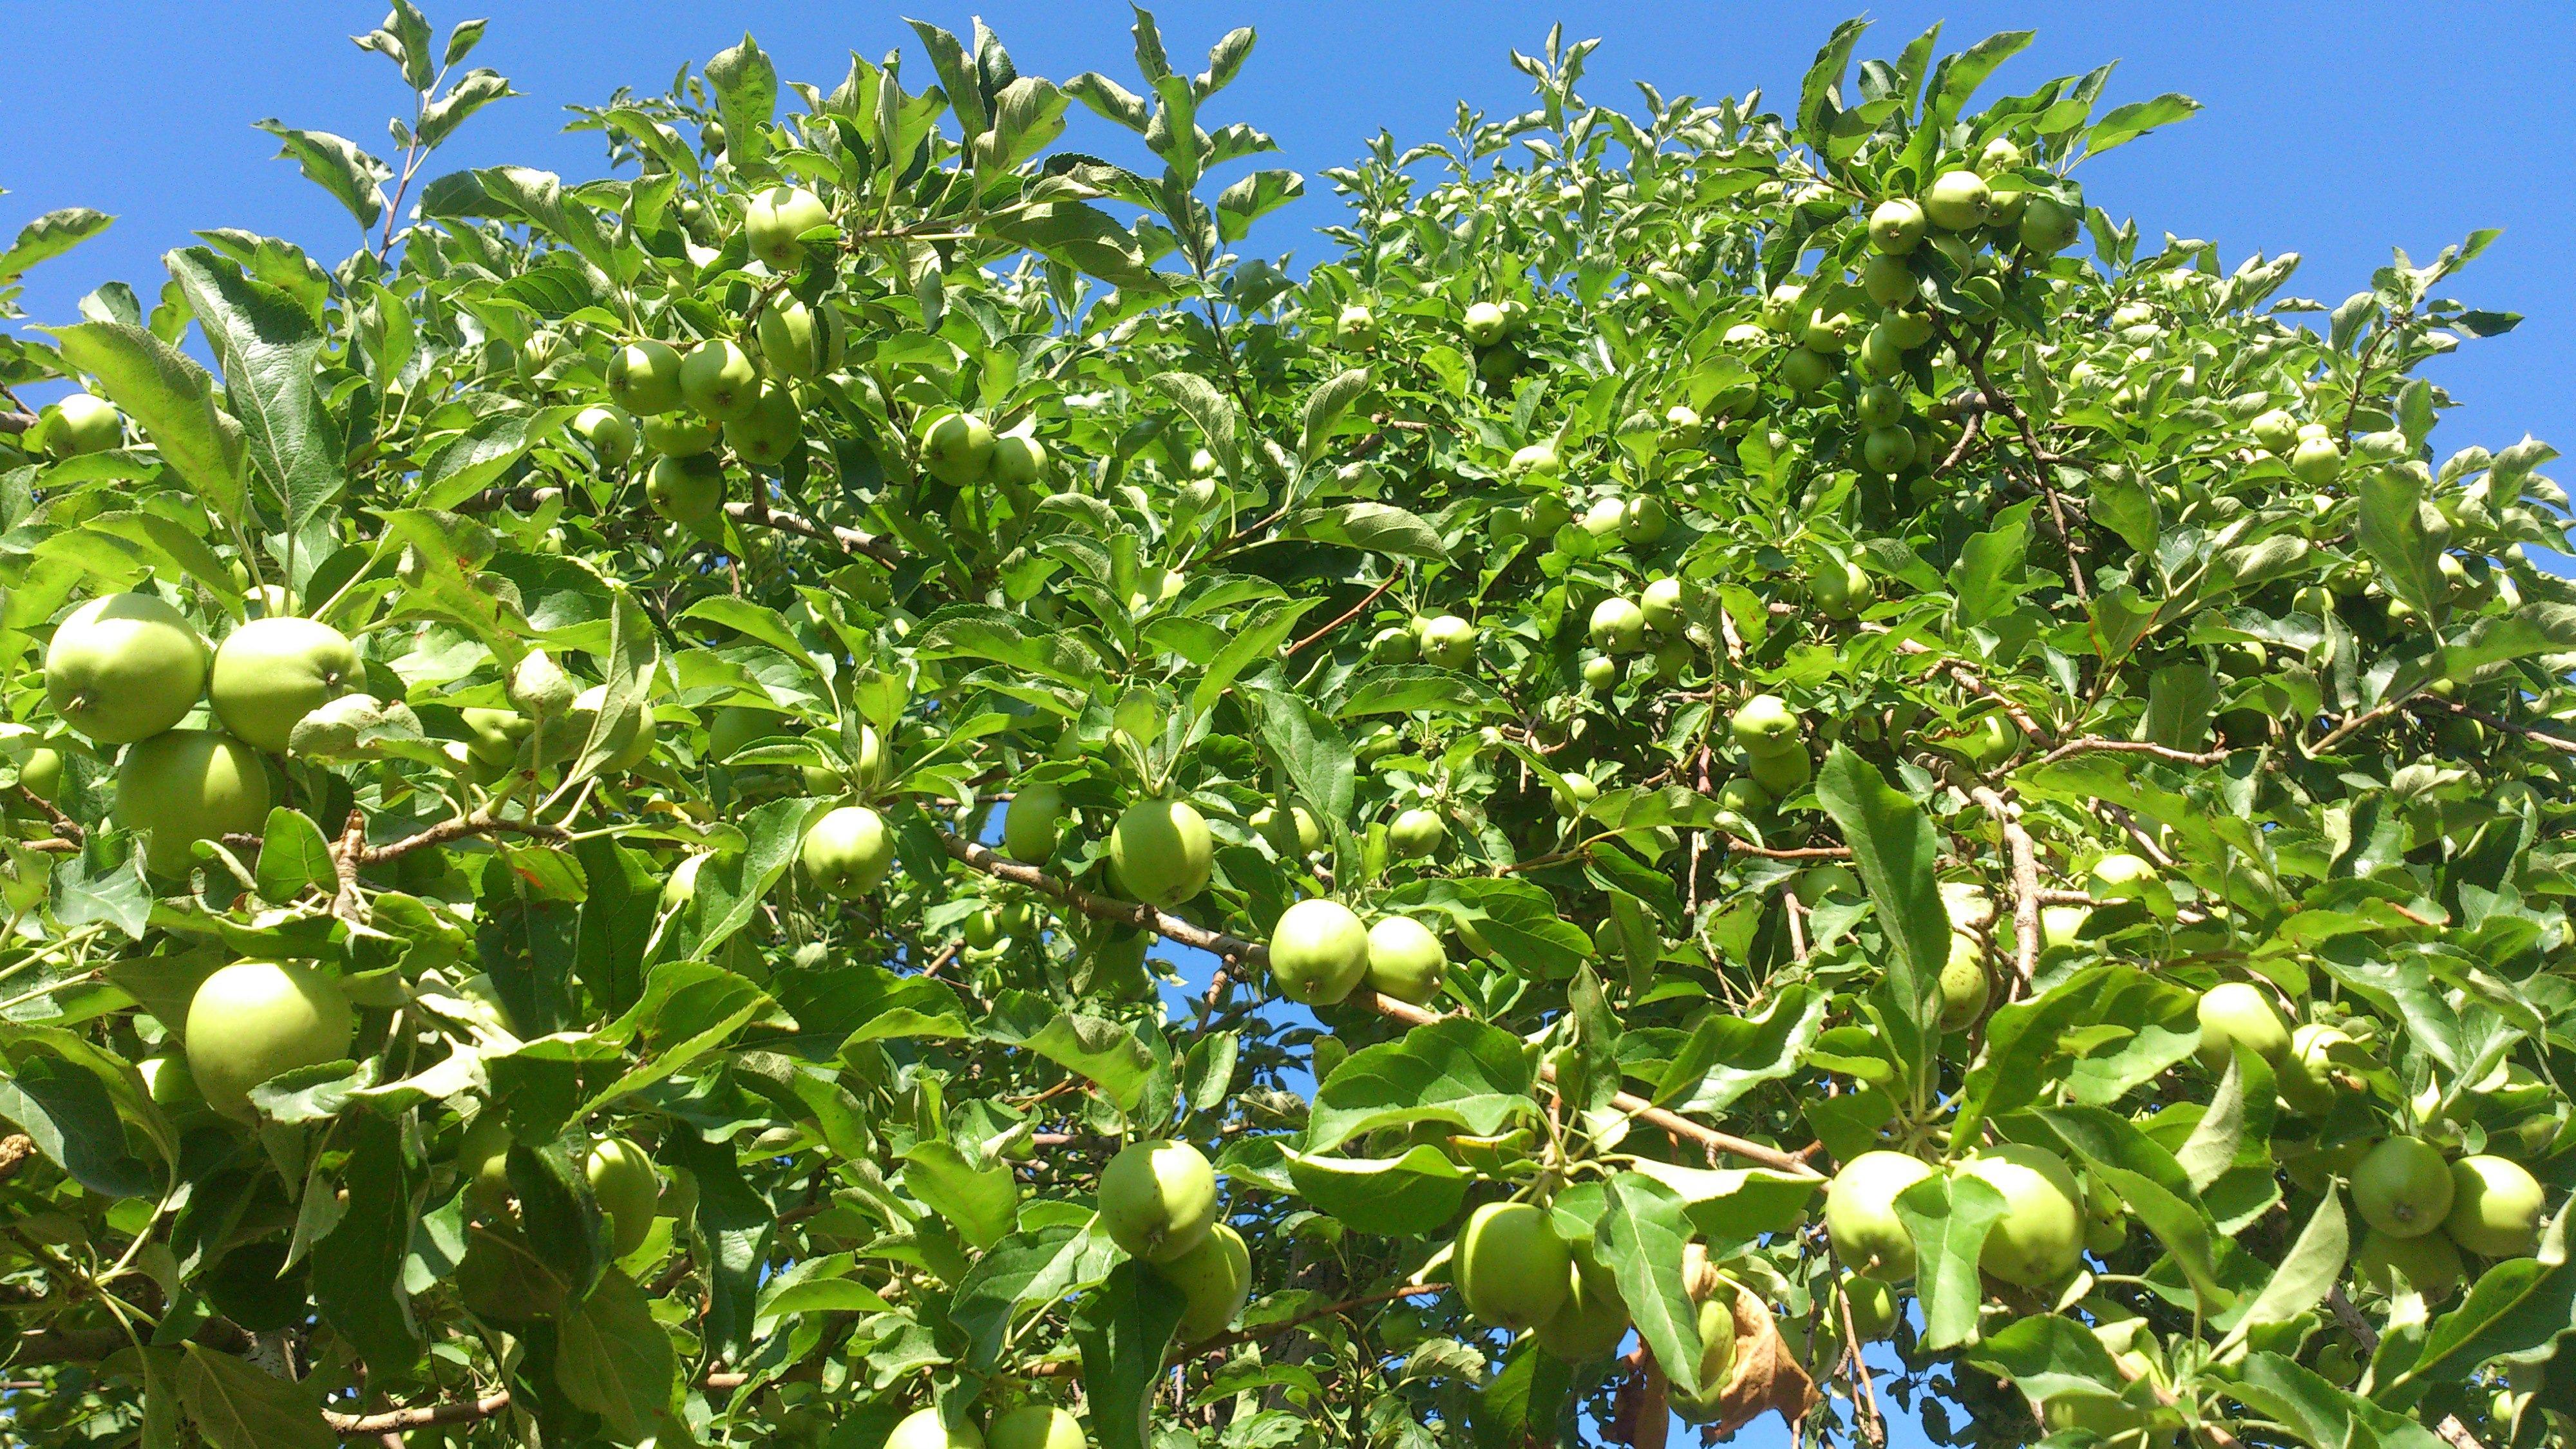 路的两边都是青苹果树